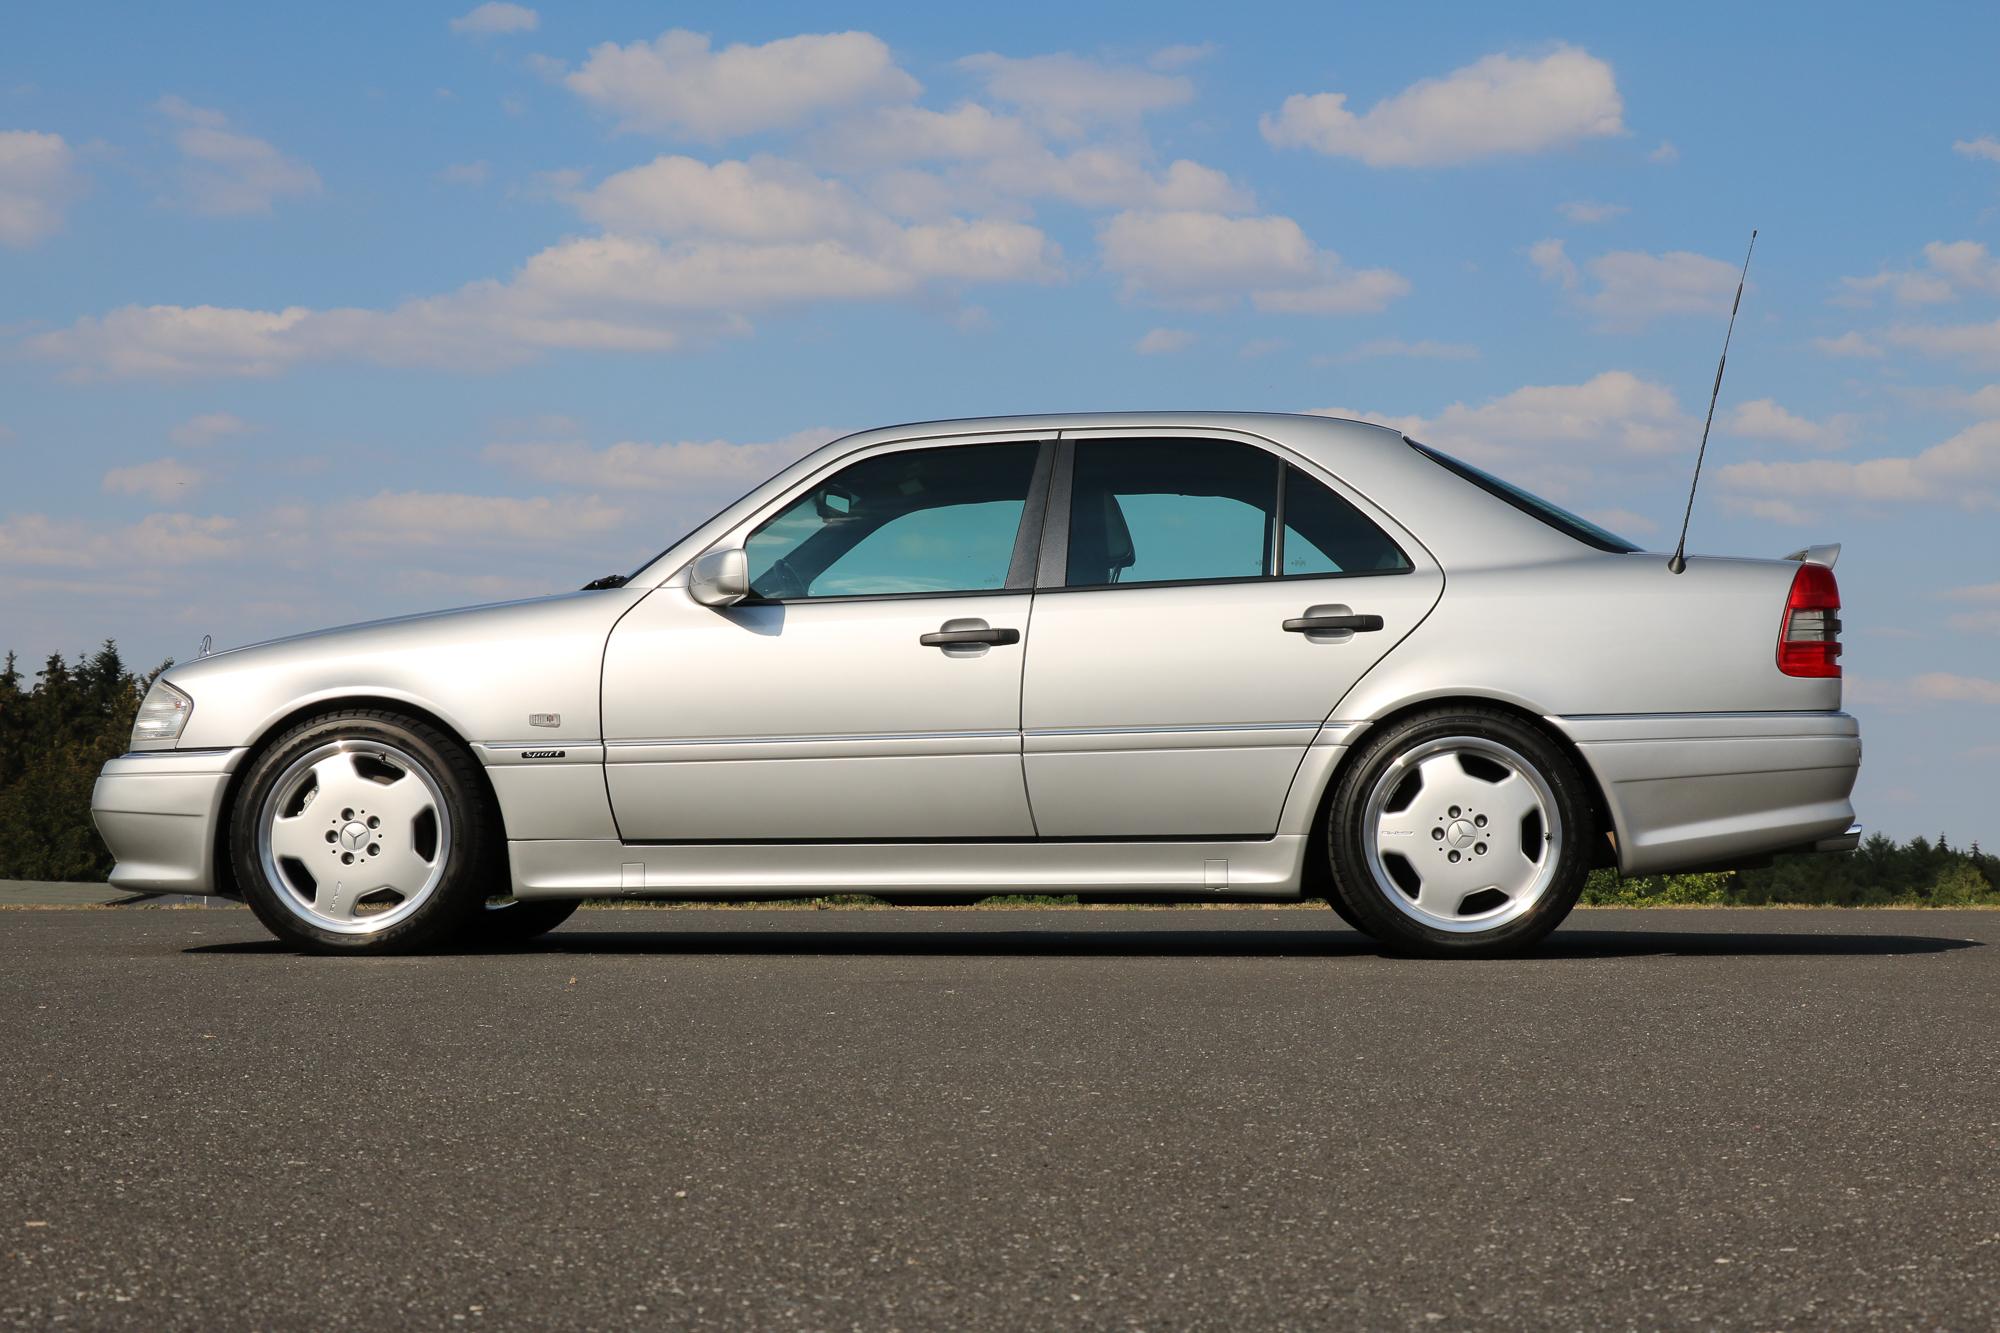 Kaufberatung: Mercedes-Benz C36 AMG (1994) - Rostlöser